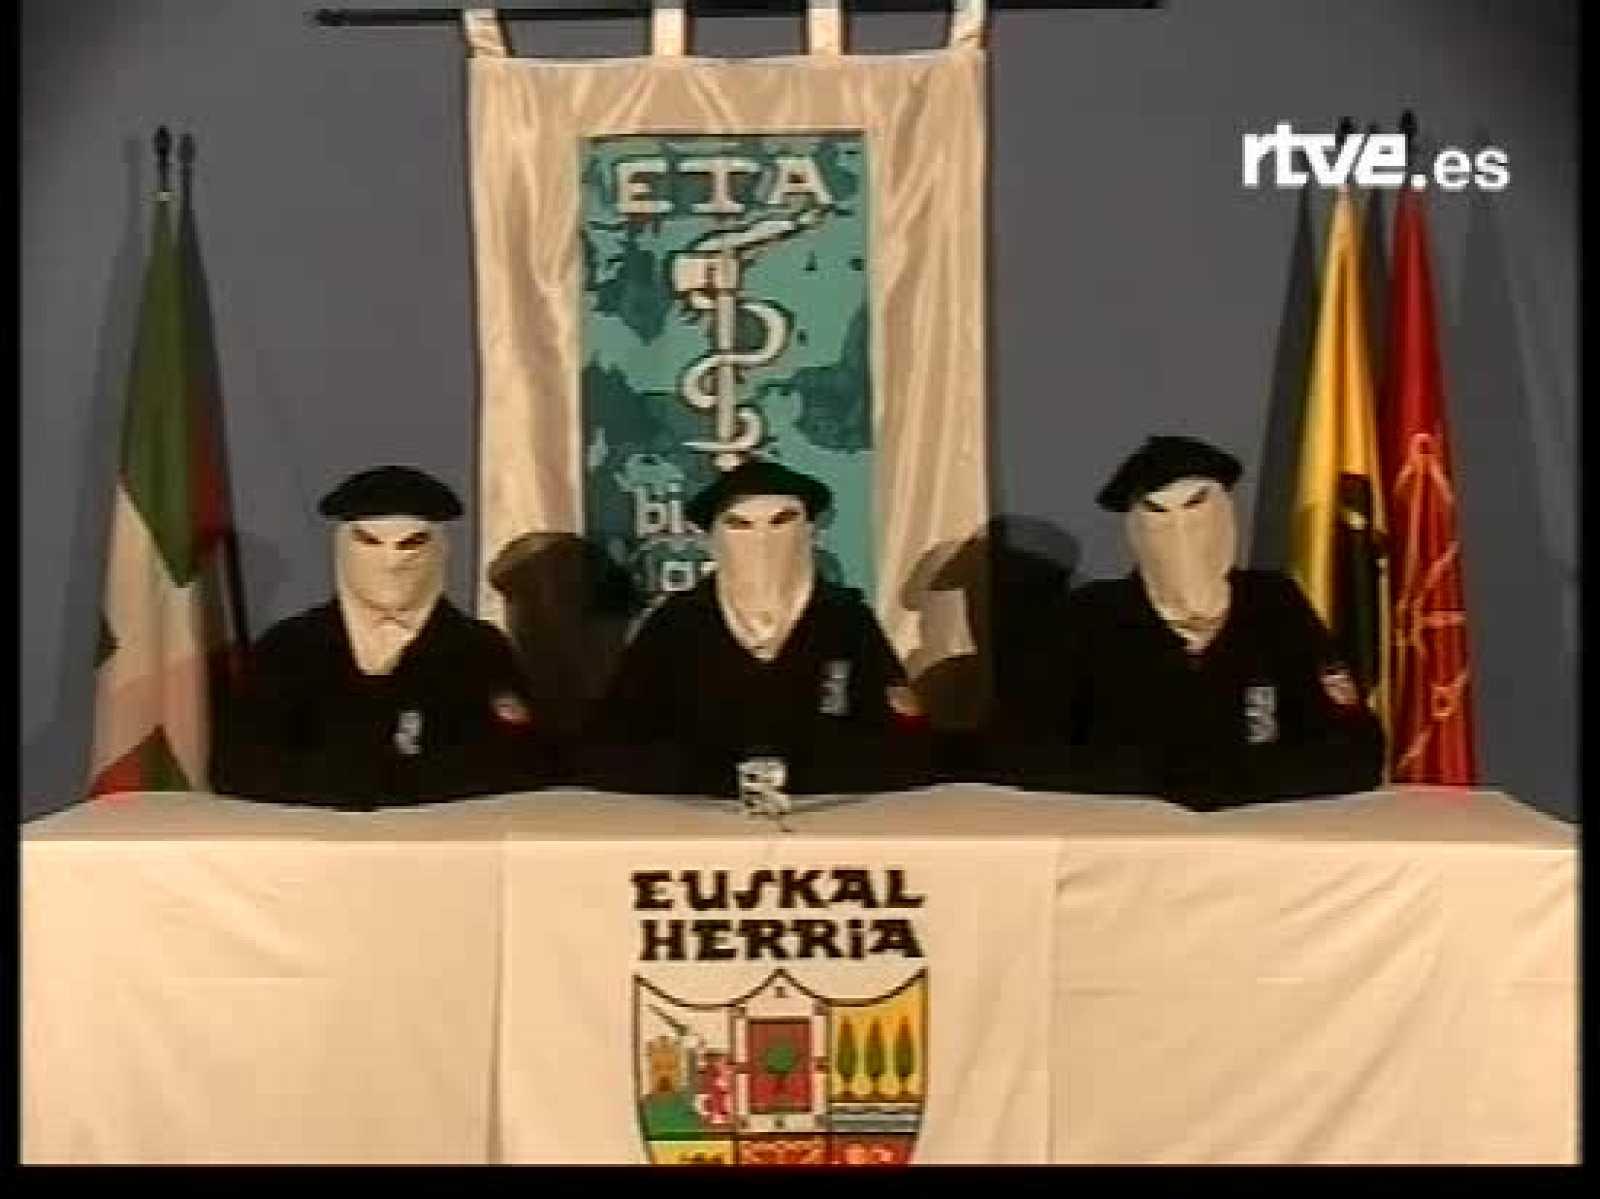 El 22 de marzo de 2006 ETA anuncia un alto el fuego permanente.